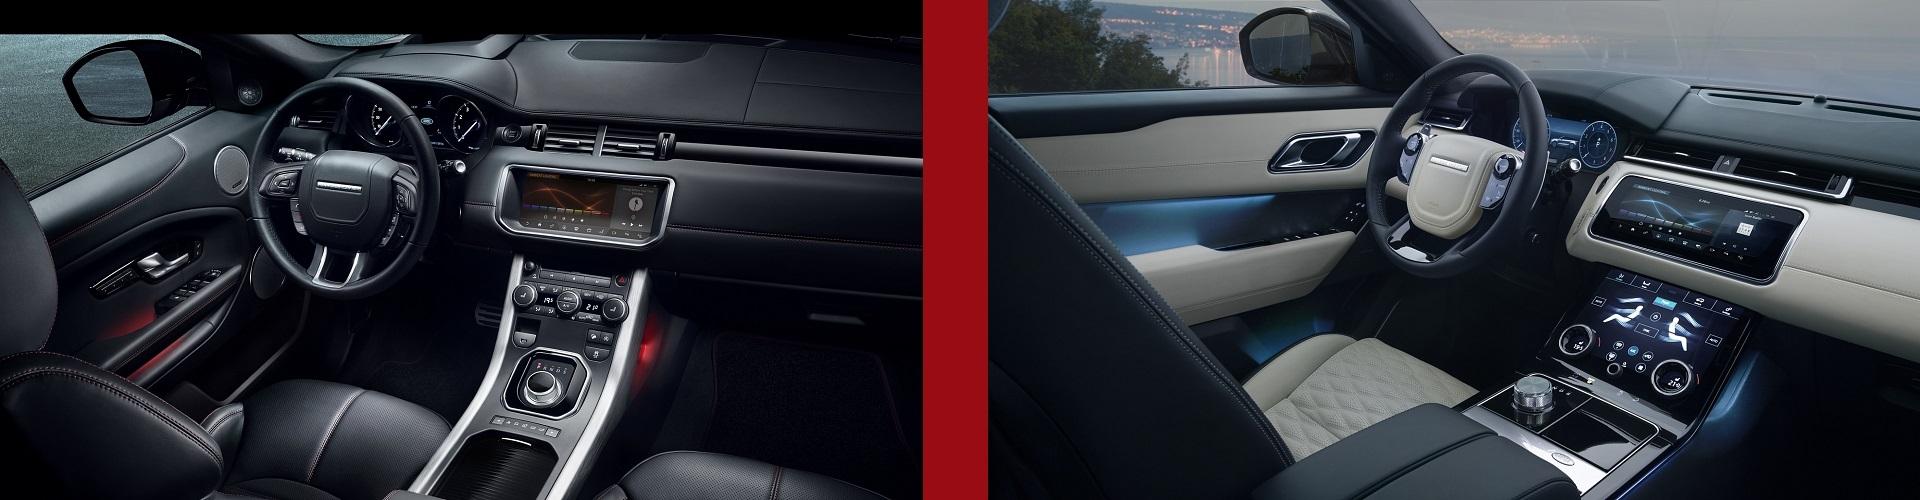 Range Rover Navigasyon Multimedia Arka Eğlence Geri Görüş Kamerası Donanım Yükseltme